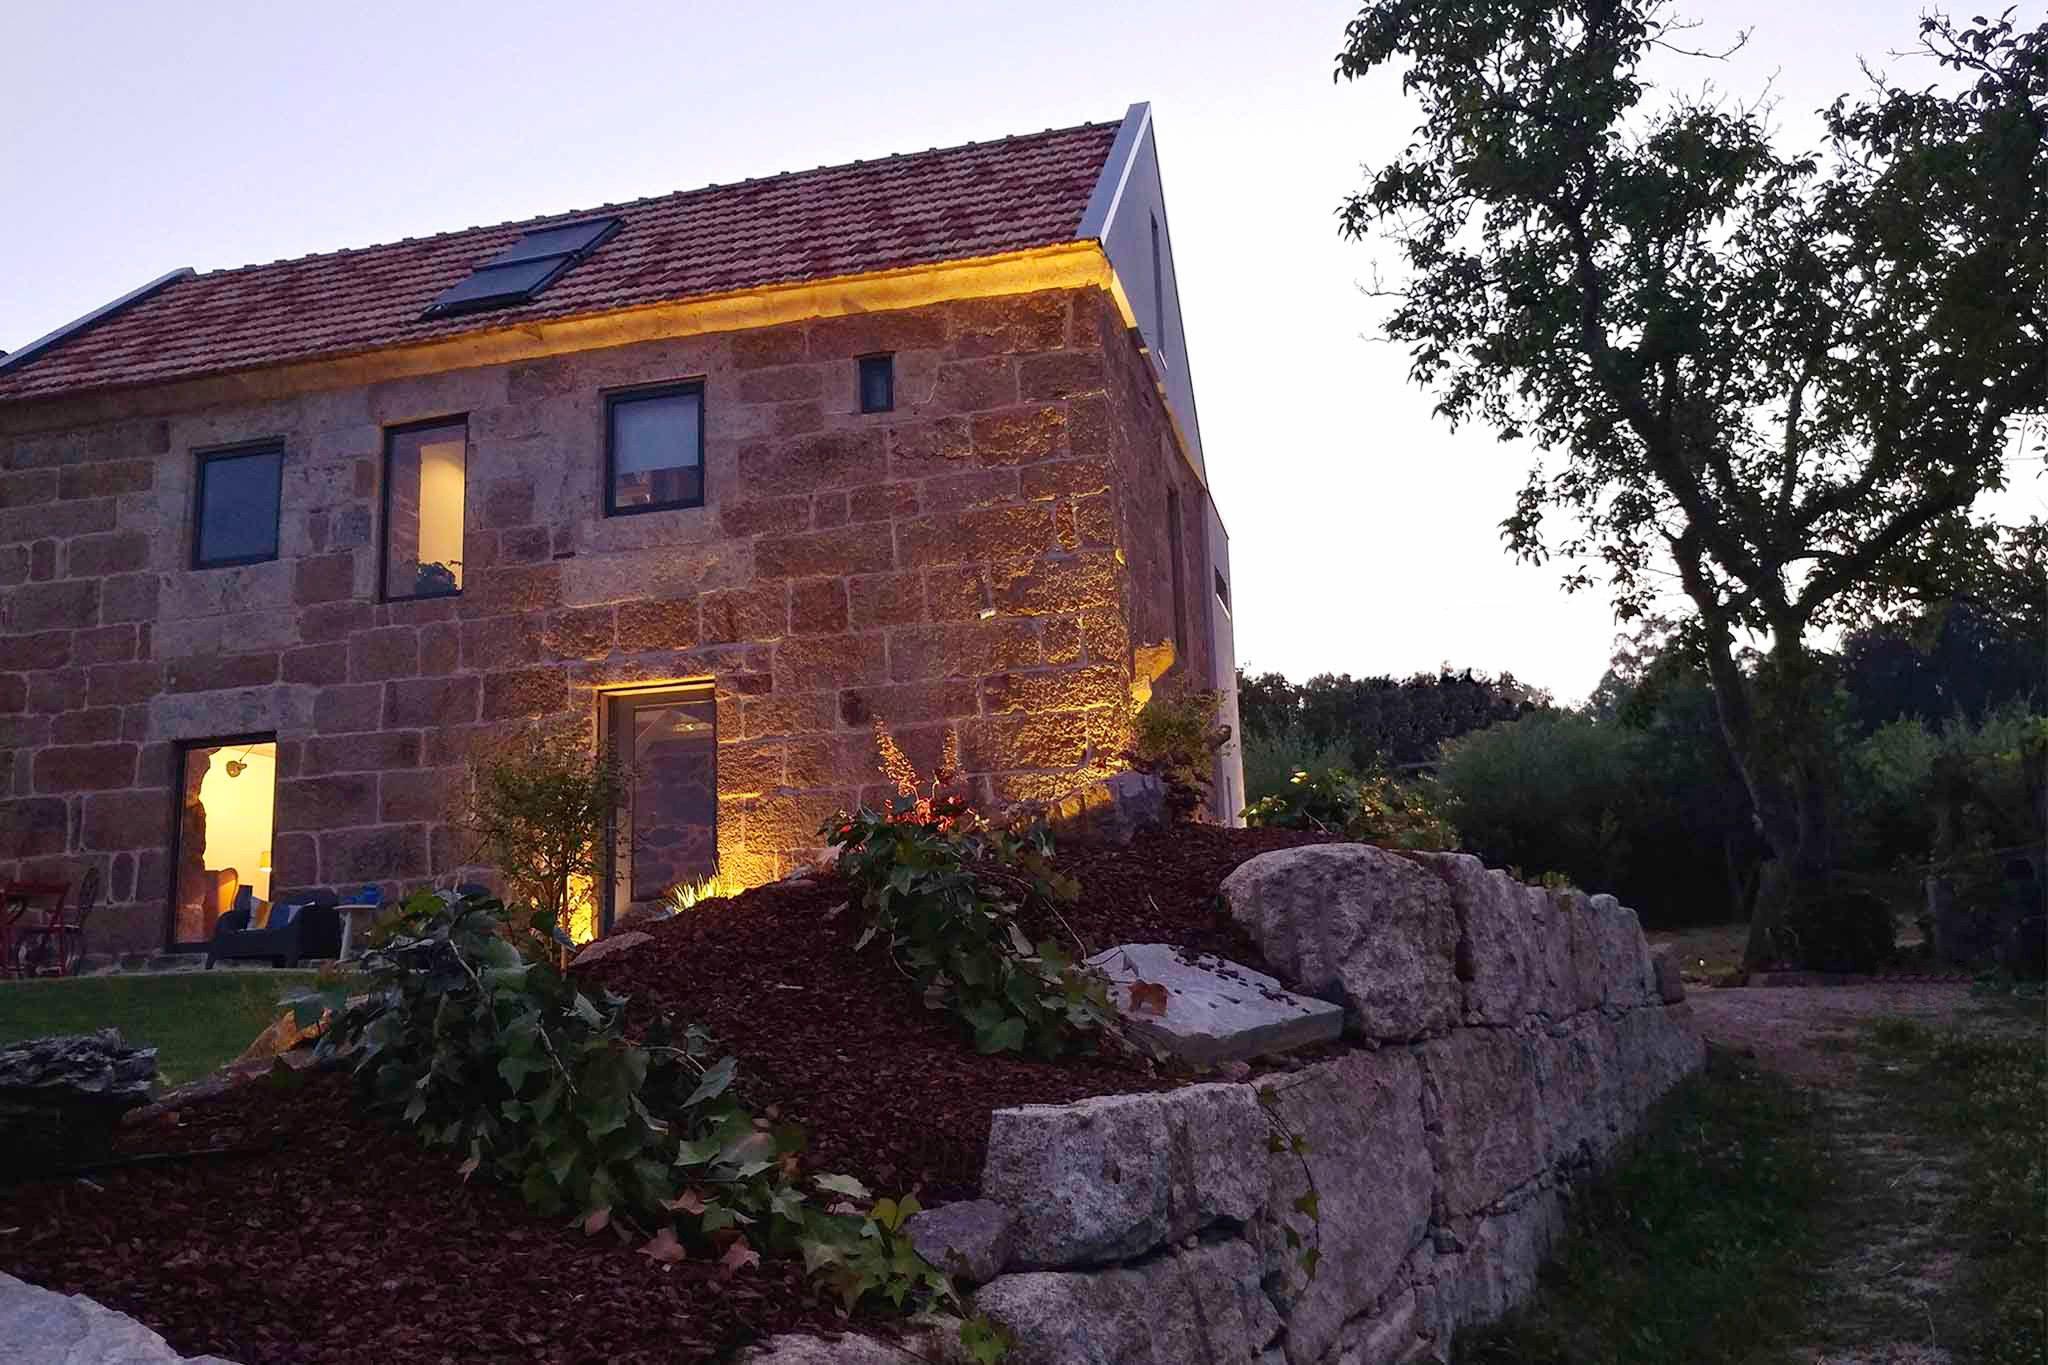 rehabilitación integral de una vivienda en Pontevedra